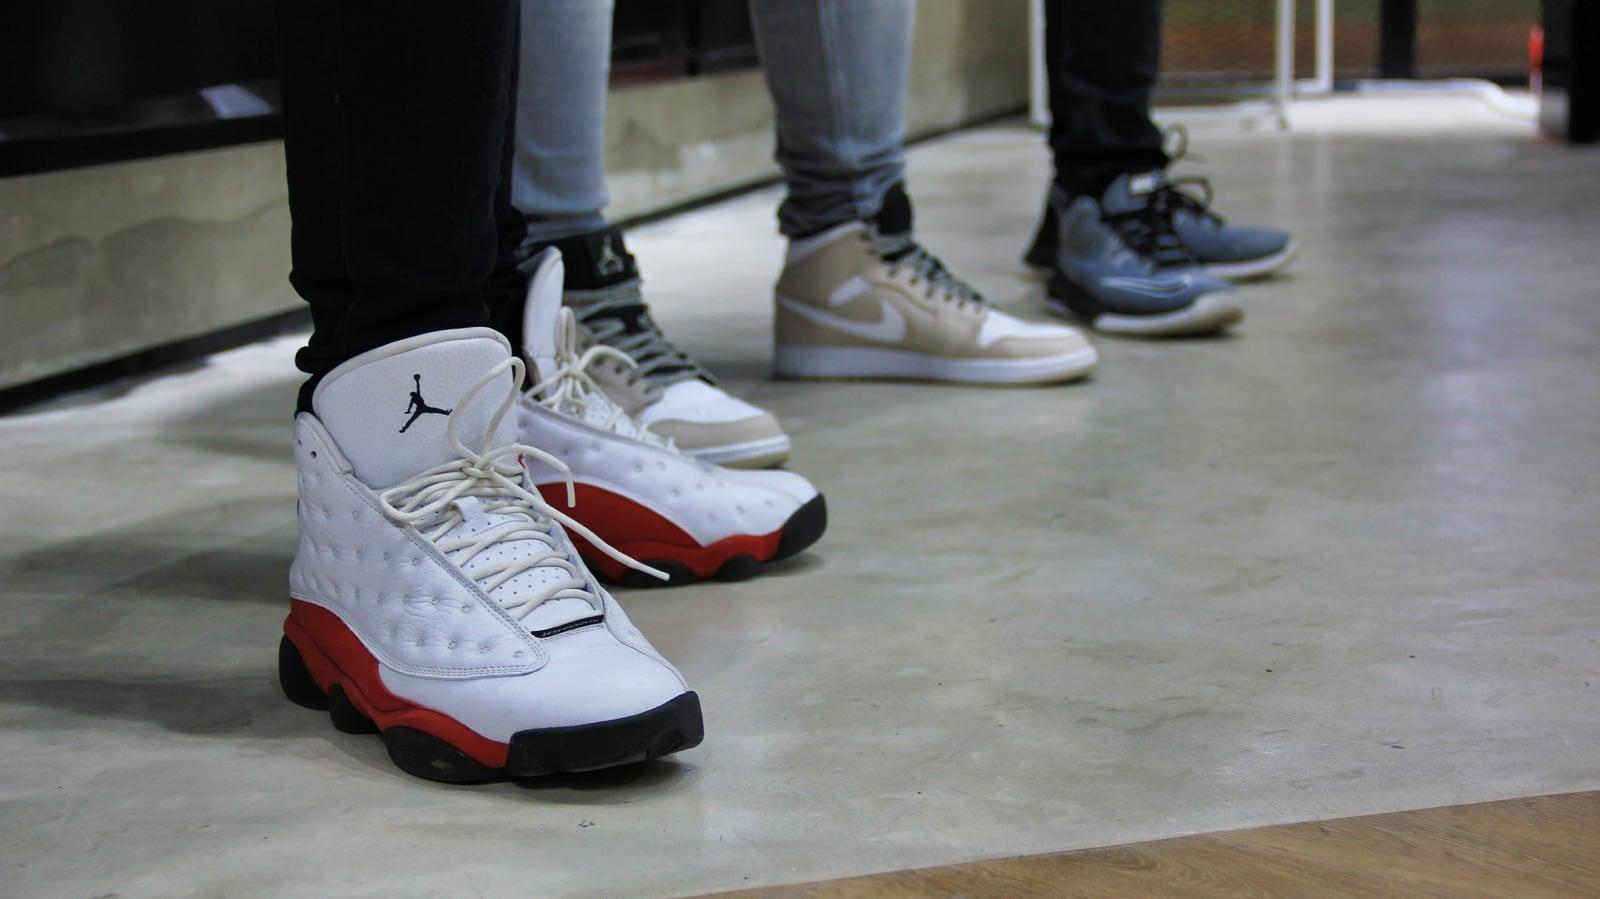 Varias zapatillas de baloncesto